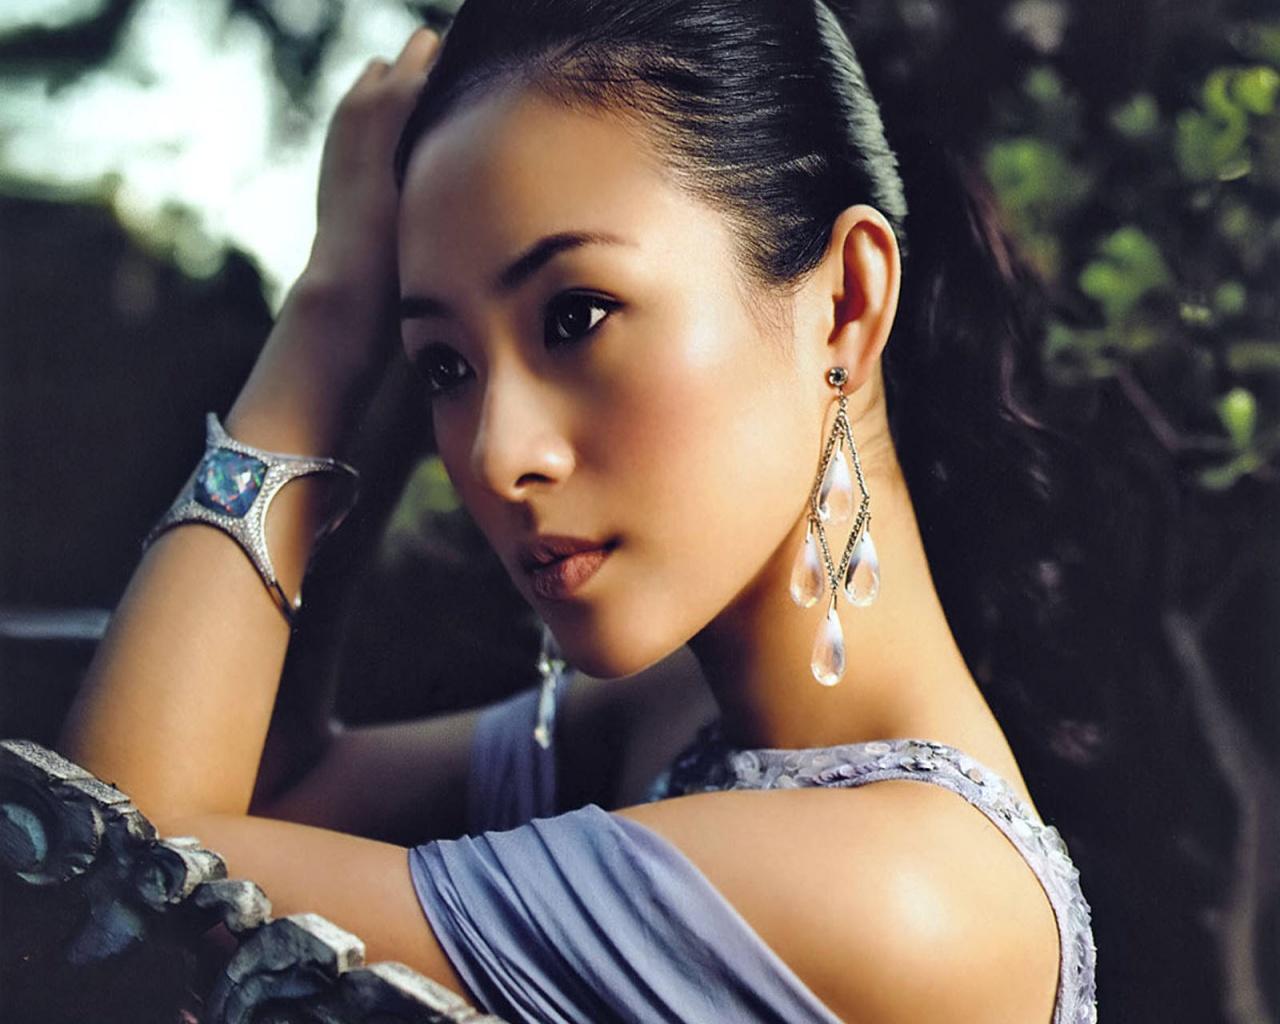 ziyi zhang memoirs of a geisha